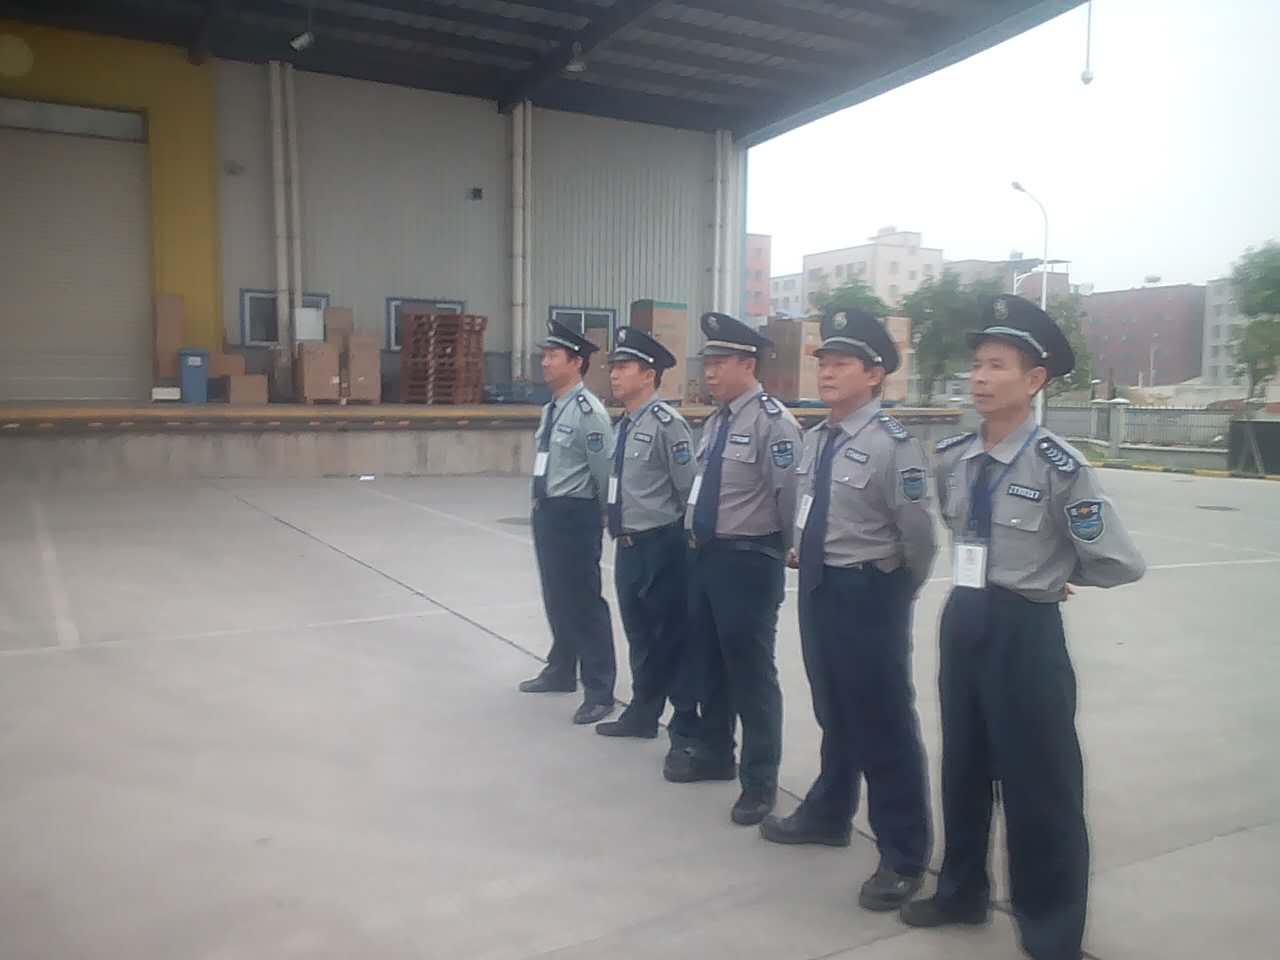 地铁特勤公司-知名的保安公司就是中泰鑫保安